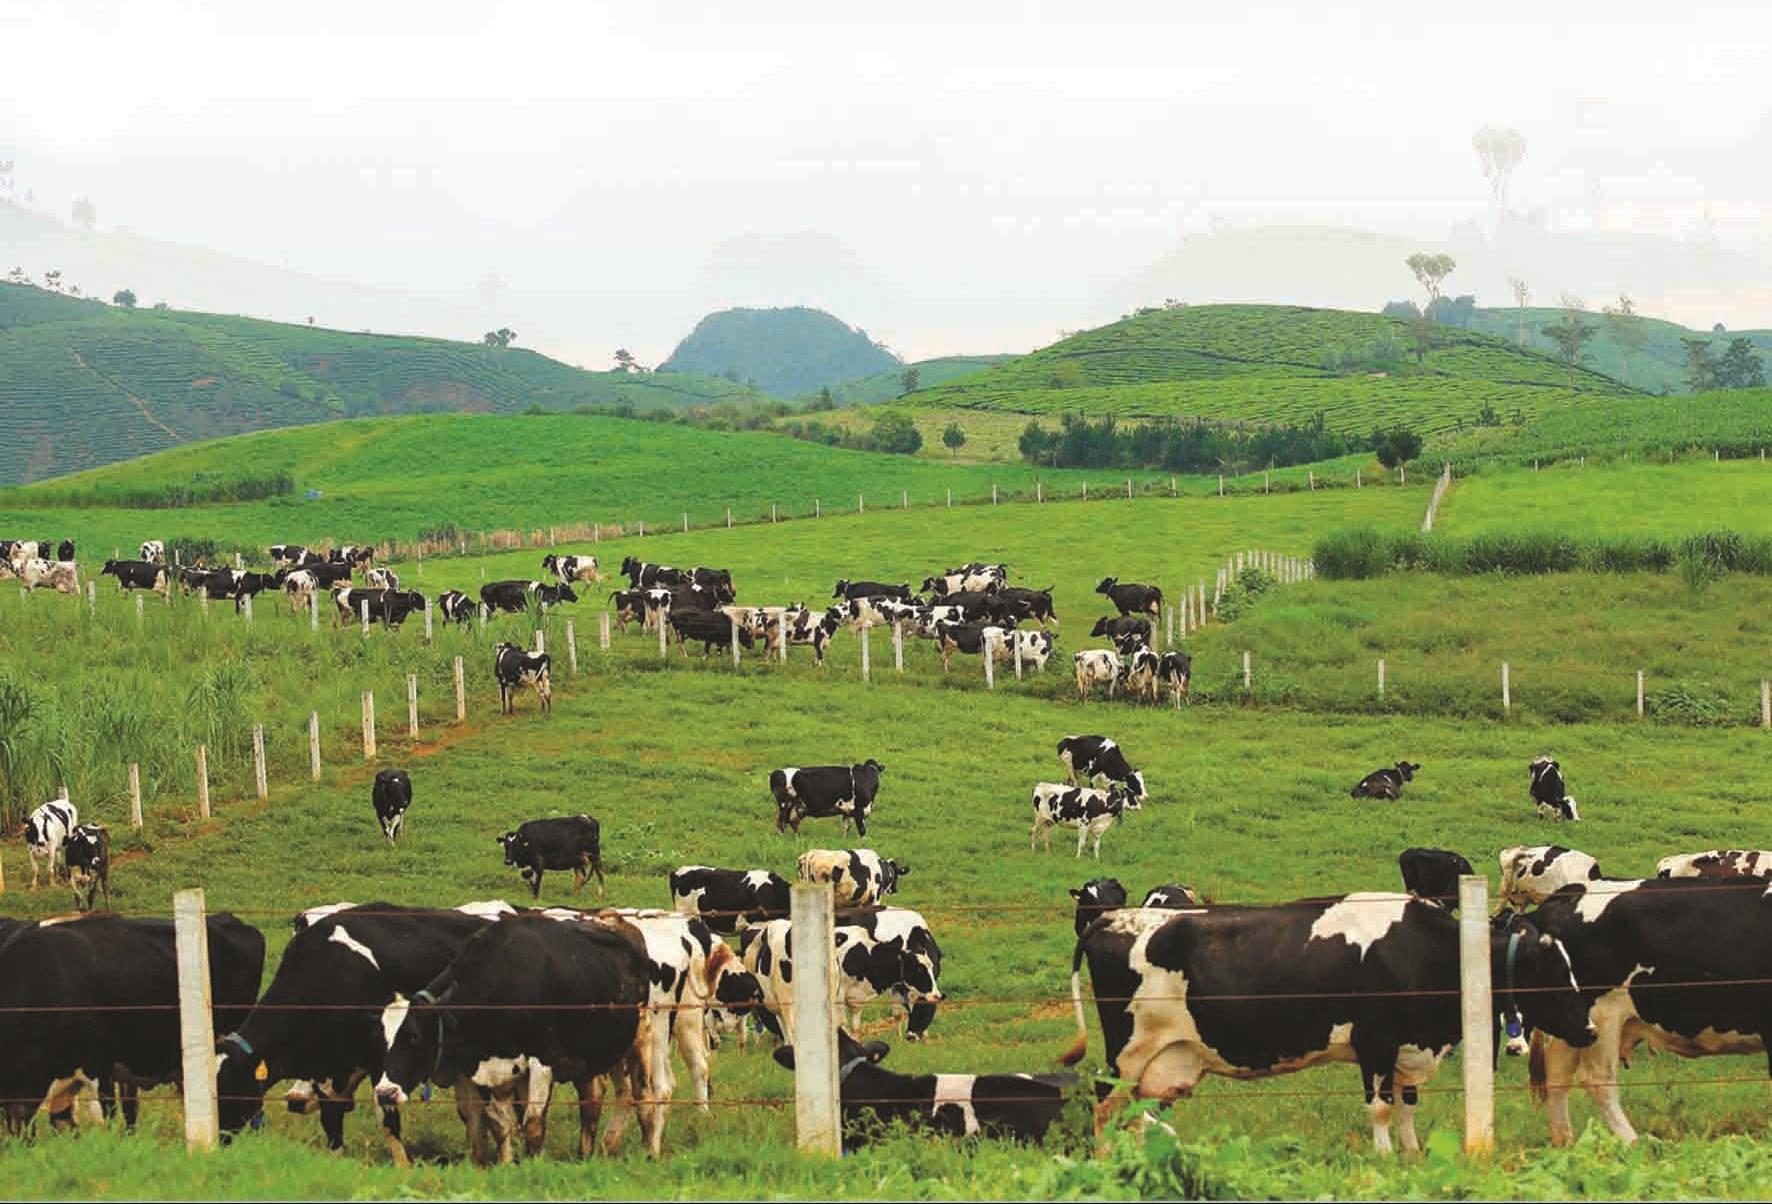 Giai đoạn 2008 - 2018, sản lượng sữa tươi nguyên liệu đạt 960 nghìn tấn, tương đương trị giá trên 12 nghìn tỷ đồng